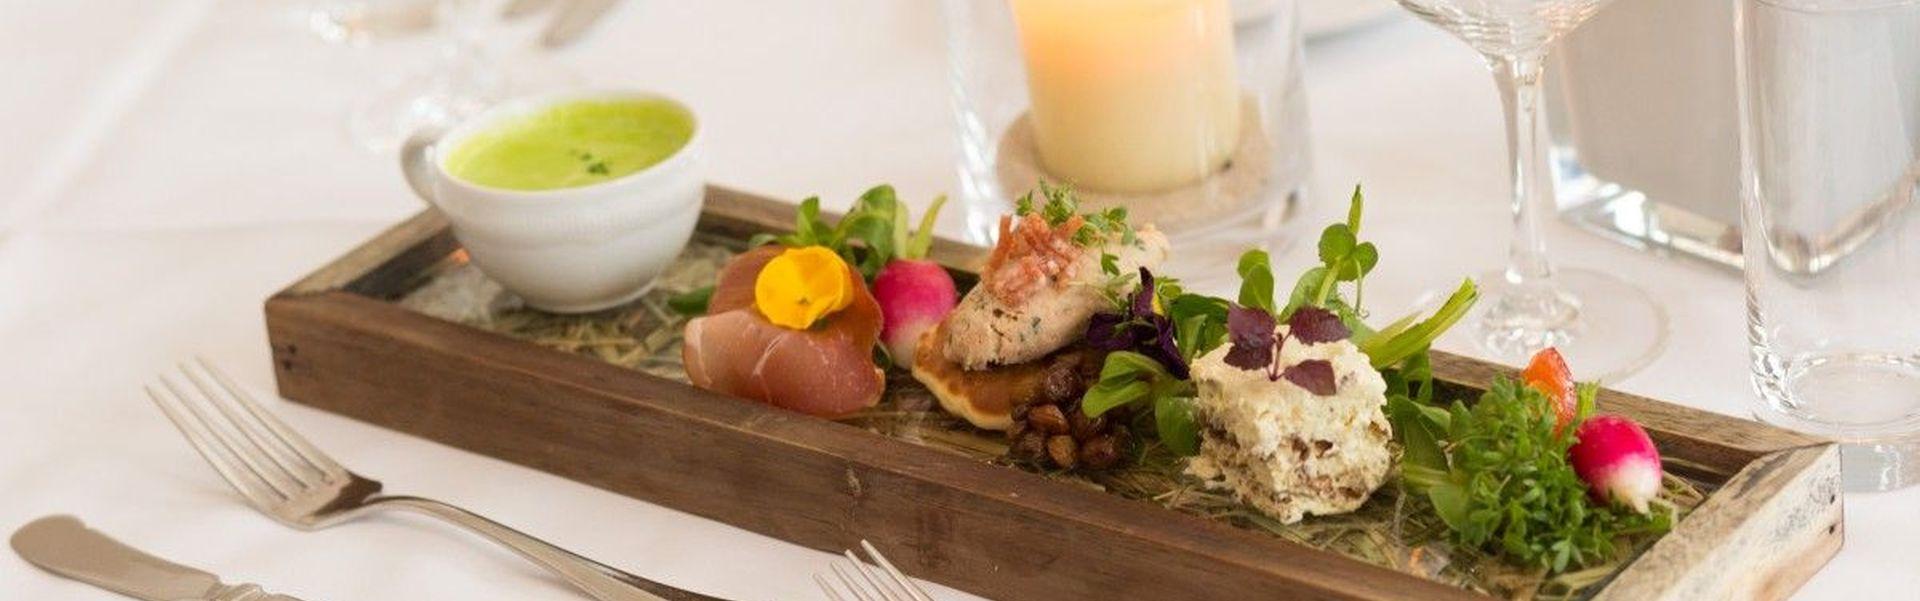 Kulinarik Bielefelder Hof Hotel